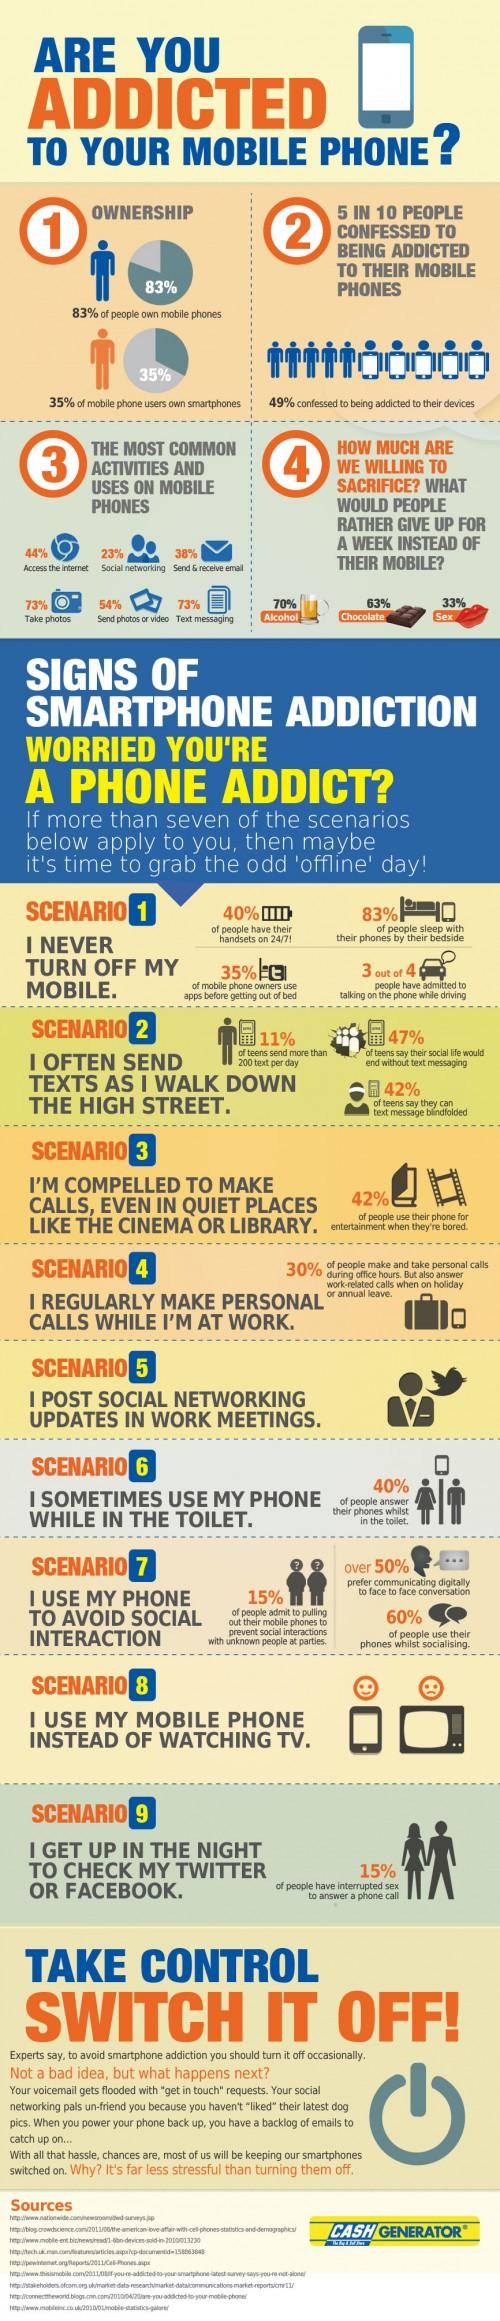 9 faits pour savoir si vous êtes addict à votre téléphone mobile